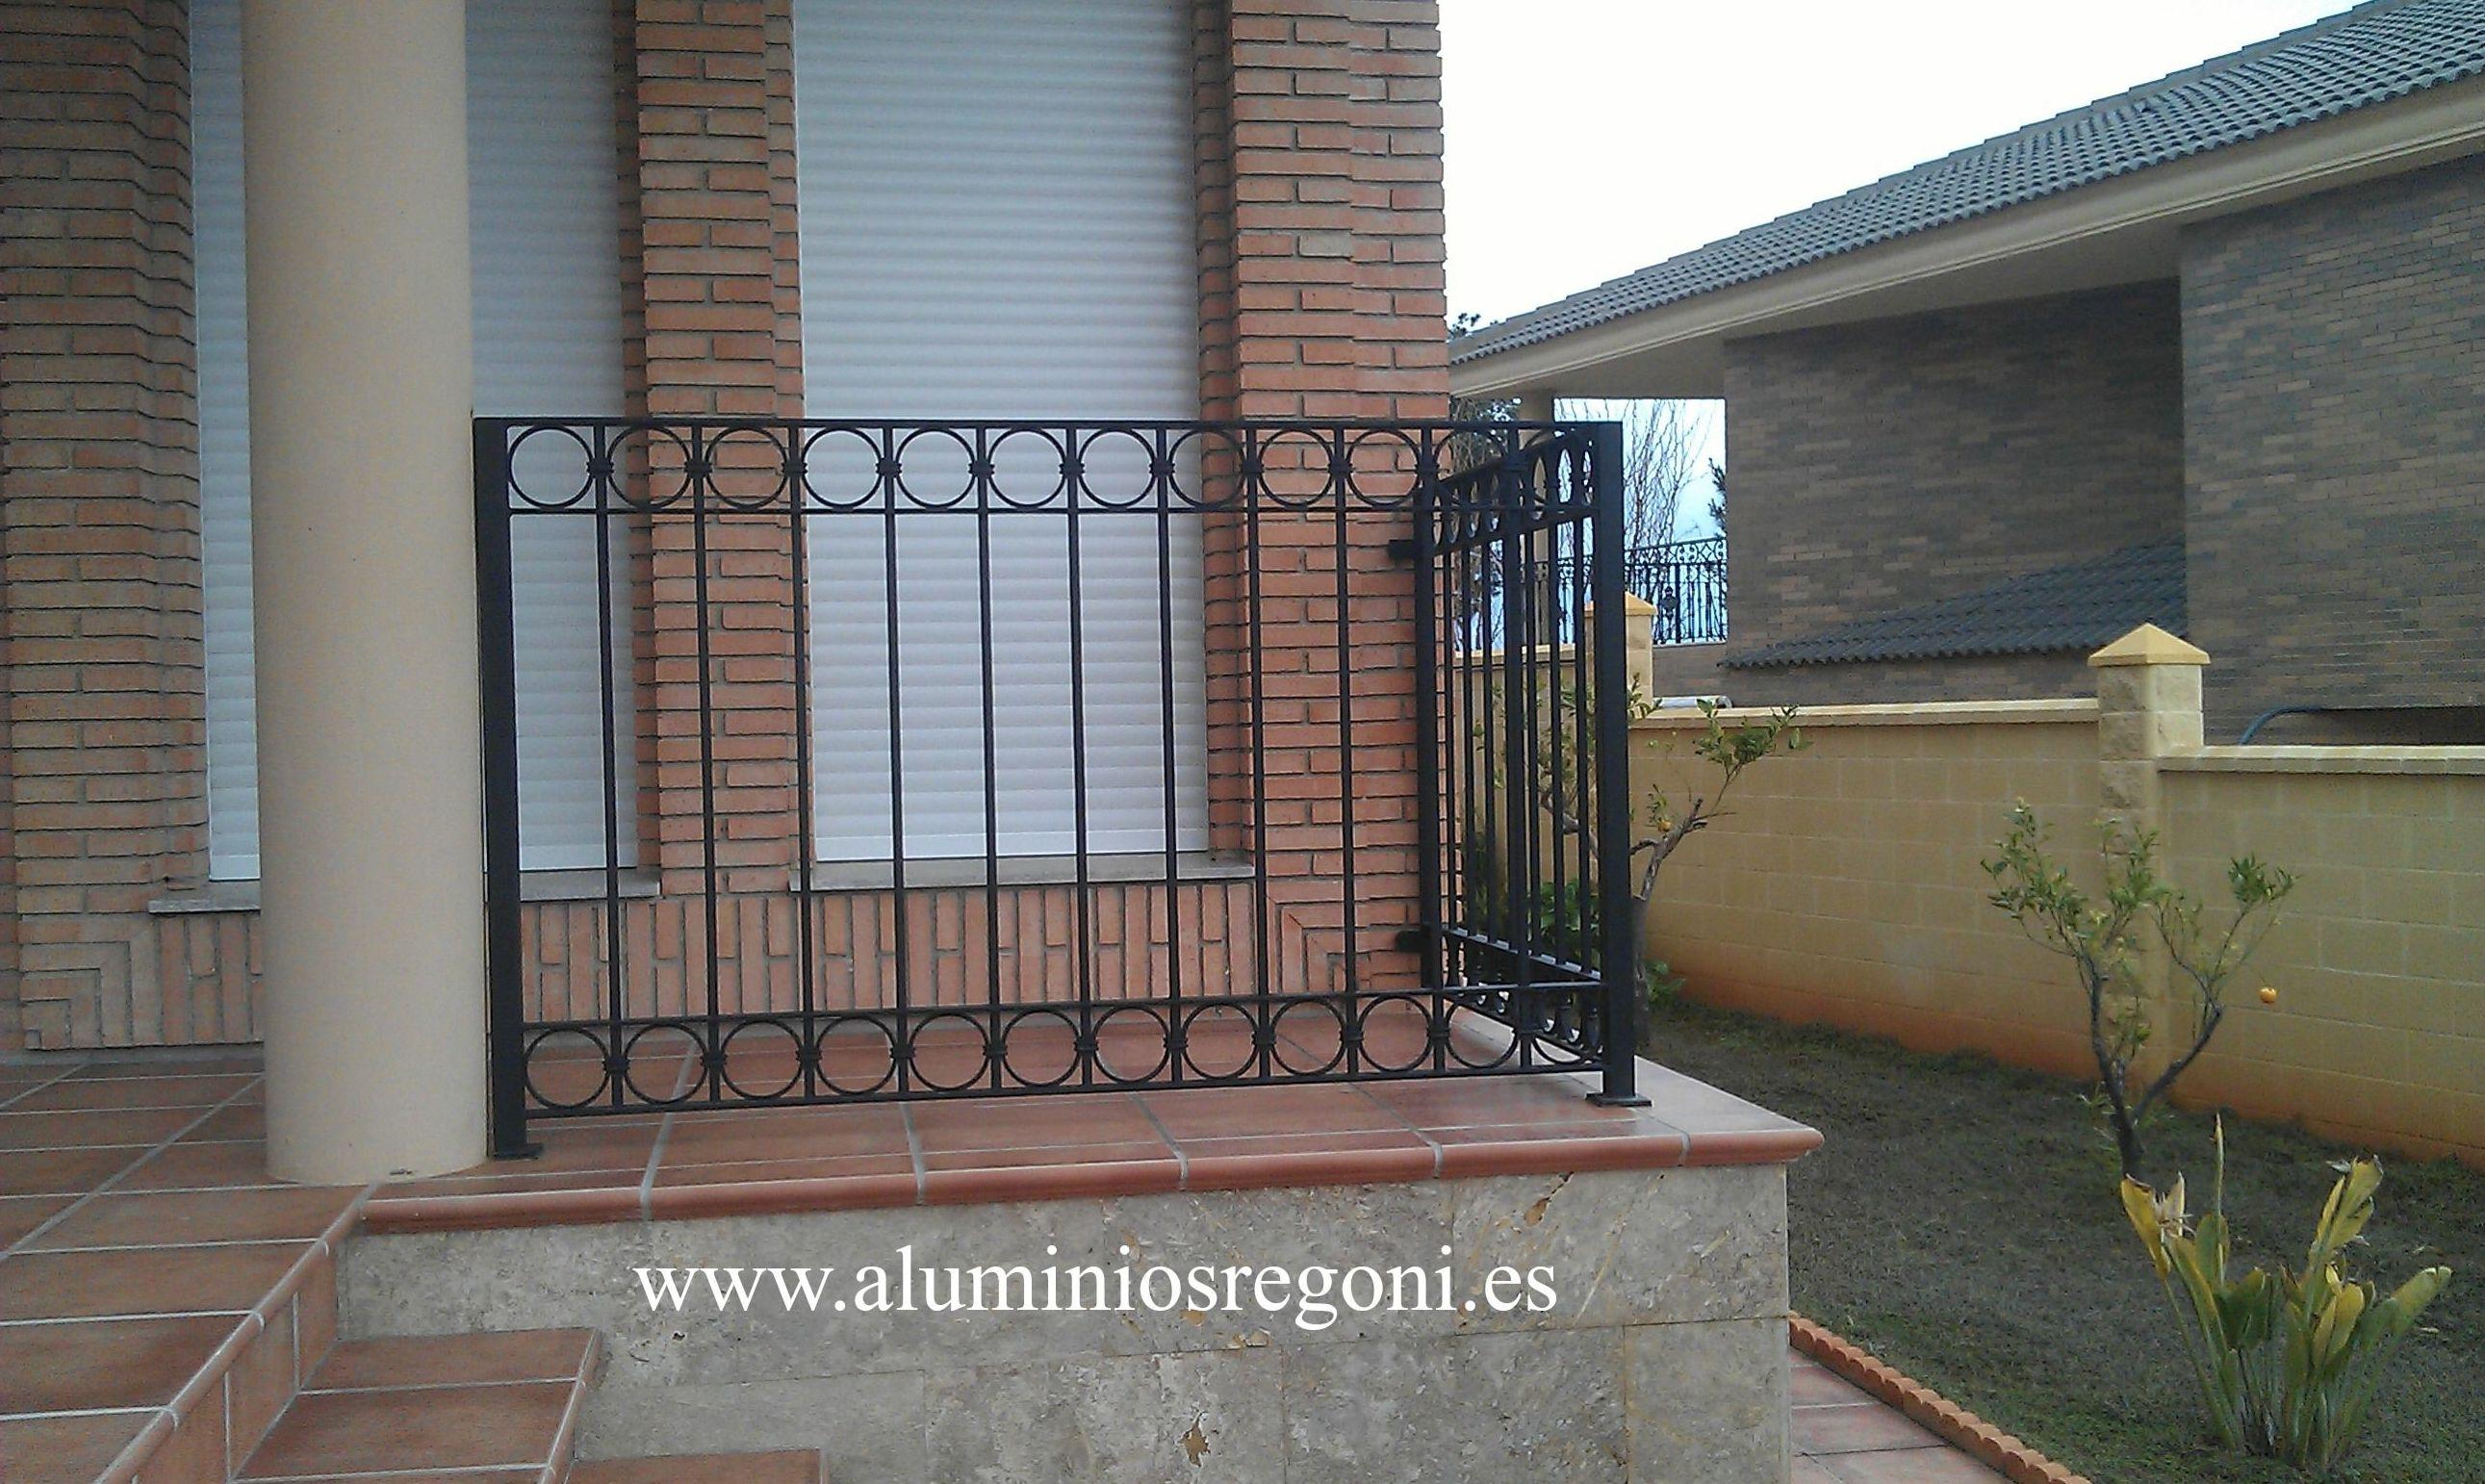 Barandas y barandillas de hierro nuestros productos de aluminios regoni - Barandas de hierro modernas ...